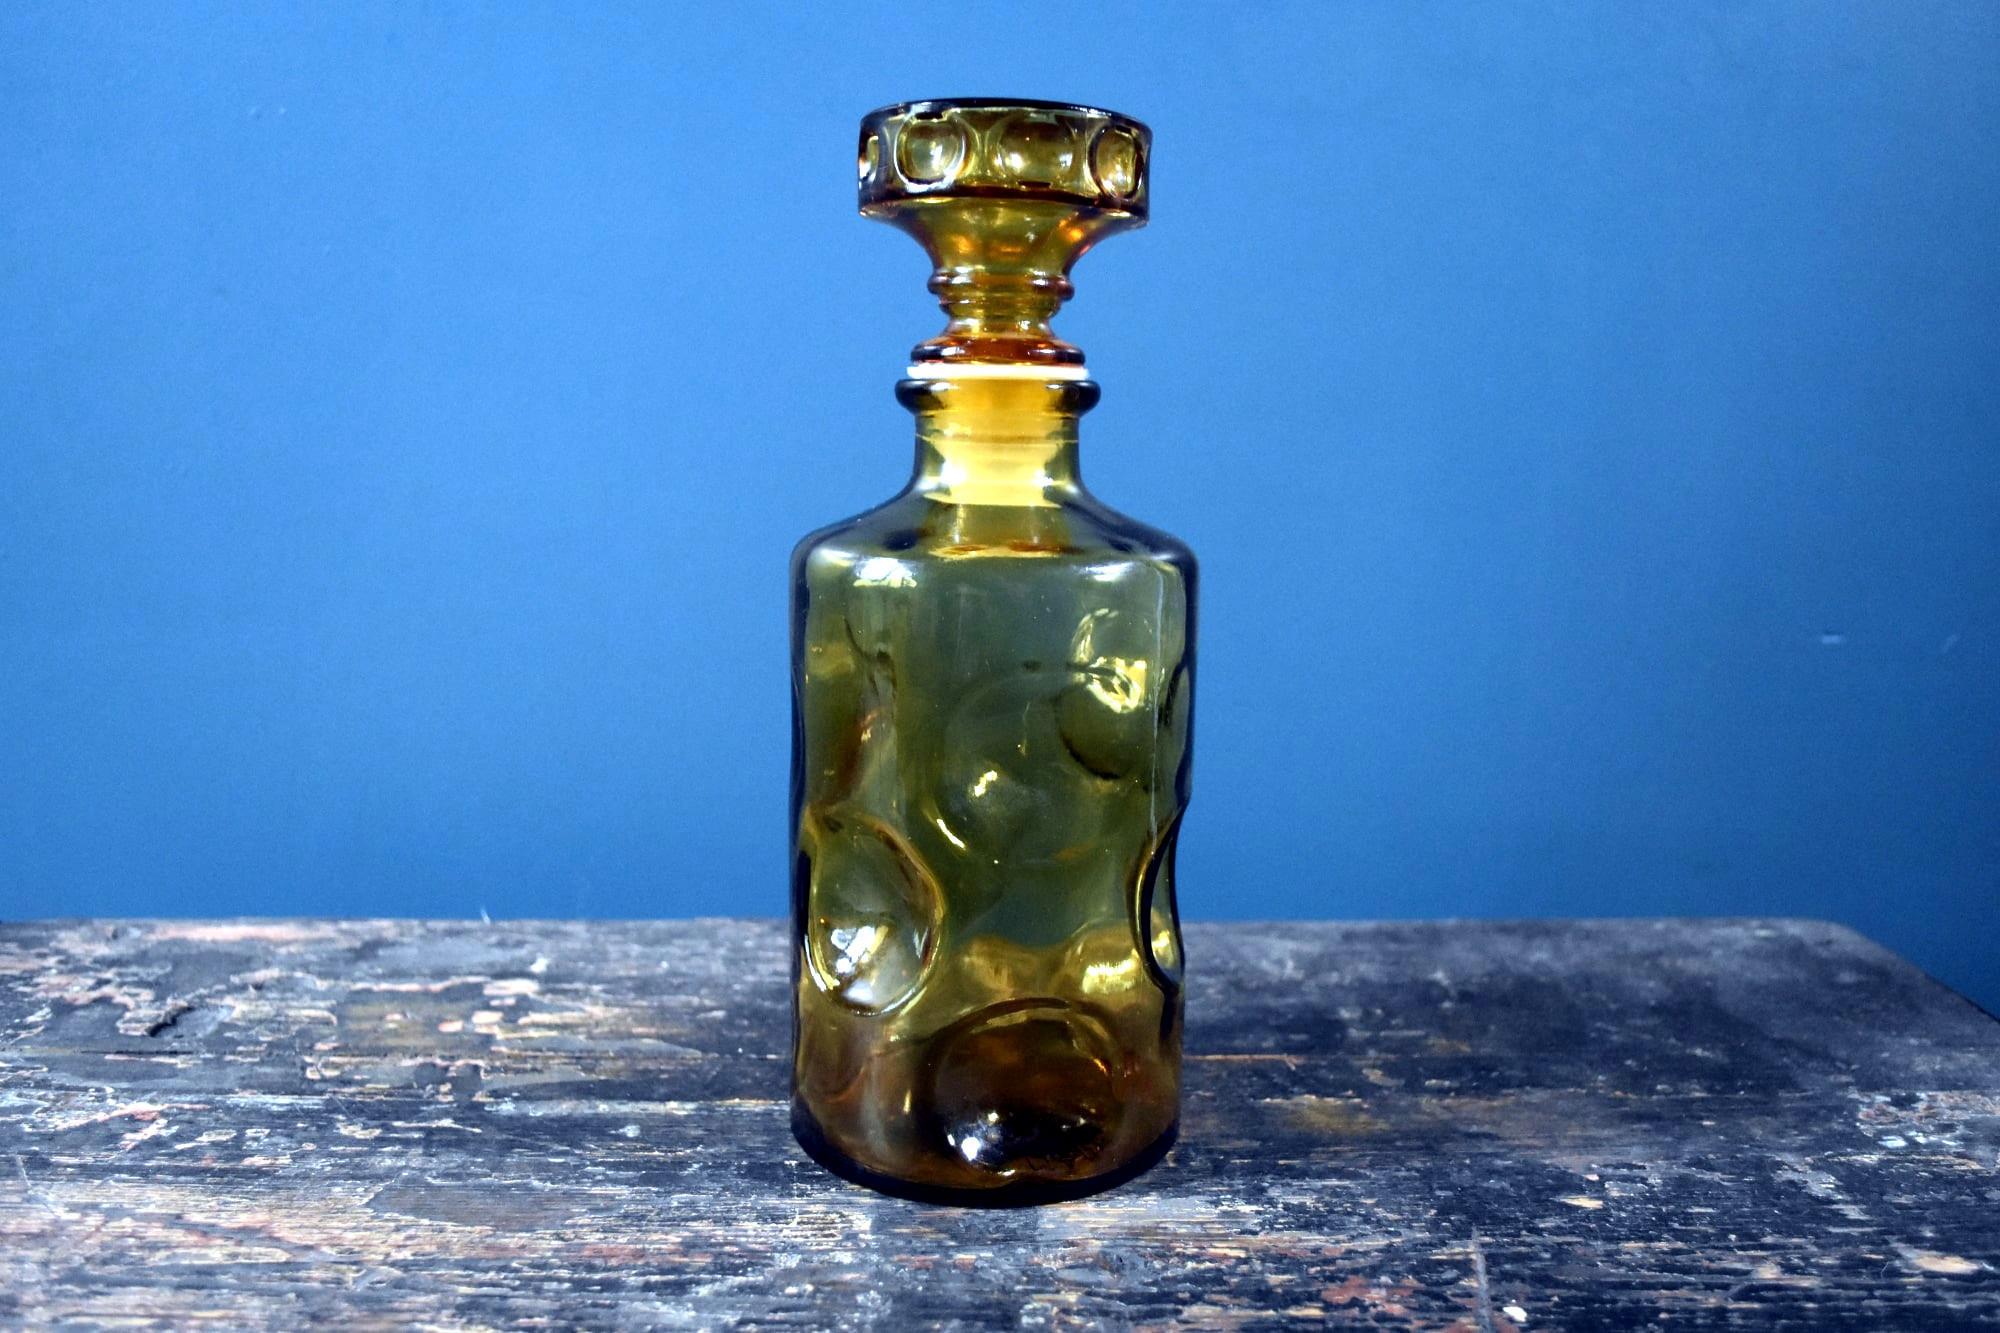 Empoli Decanter Genie Bottle in